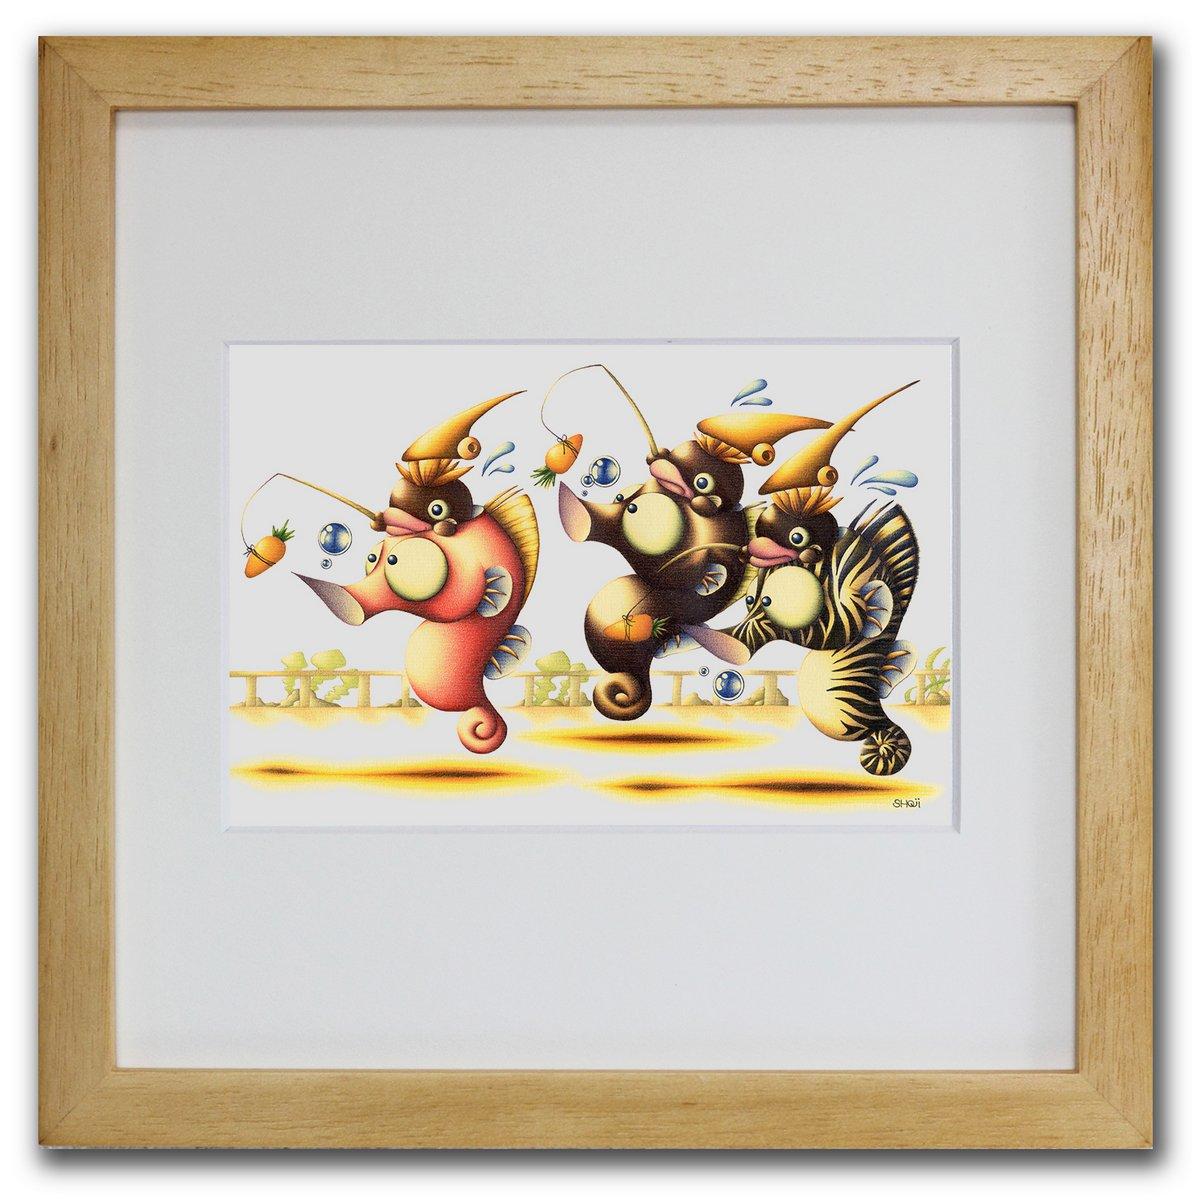 壁掛けアートは リビングや玄関におすすめのインテリア 絵画といえばルノワール ゴッホのひまわりといった名画が有名 かわいい壁飾りはお部屋を癒やしてくれそう プレゼントにも 色鉛筆画 国際ブランド 版画 ゆうパケット 競馬魚 SHOji インテリア 壁掛け 額入り 額装込 油絵 プレゼント おしゃれ アートパネル アートフレーム 飾る アート 国内正規品 巣ごもり 玄関 ポスター リビング モダン 風景画 Sサイズ